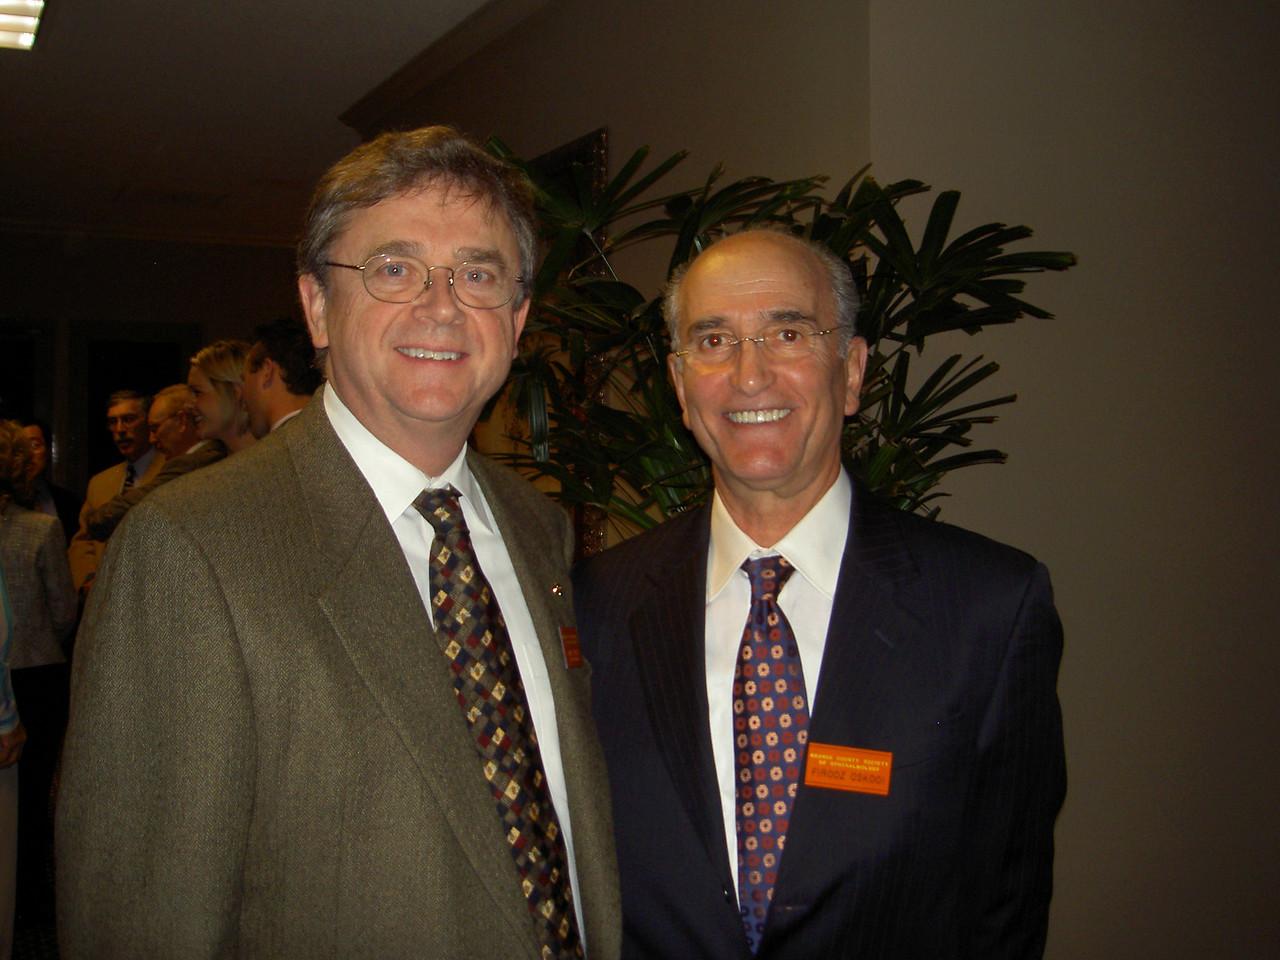 Jim Boyce & Firooz Oskooi